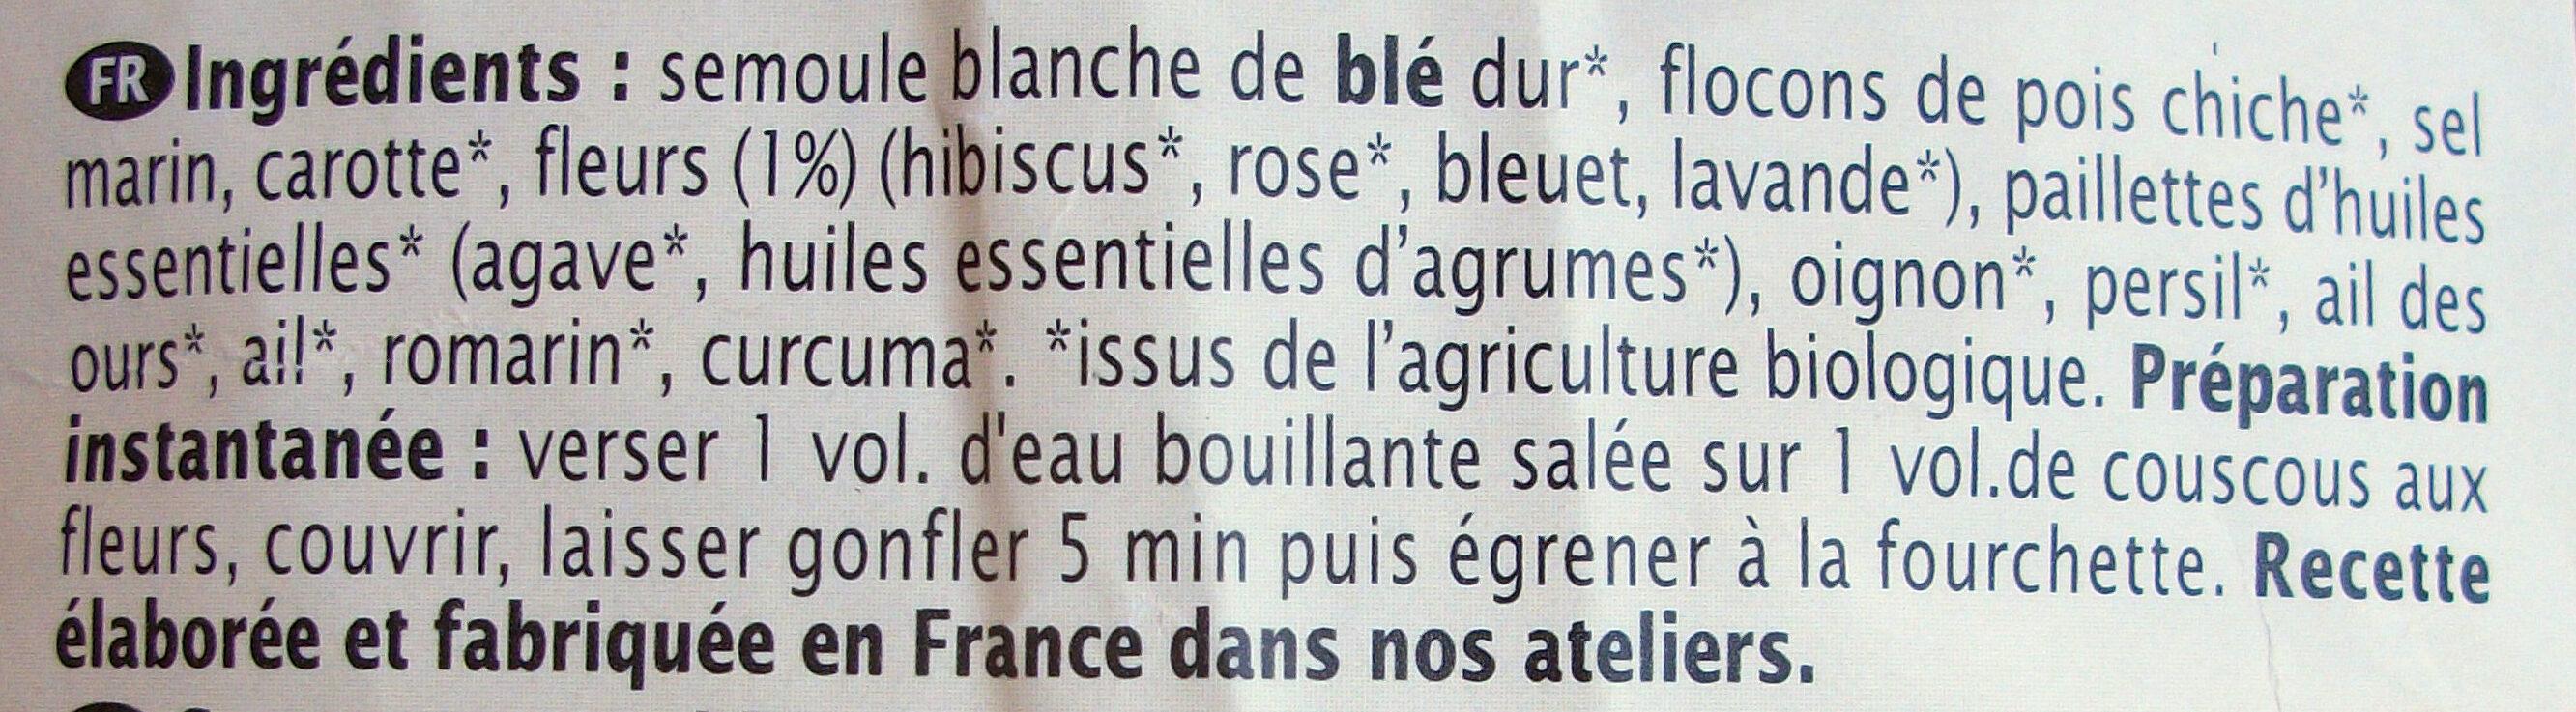 Couscous aux fleurs - Ingrédients - fr